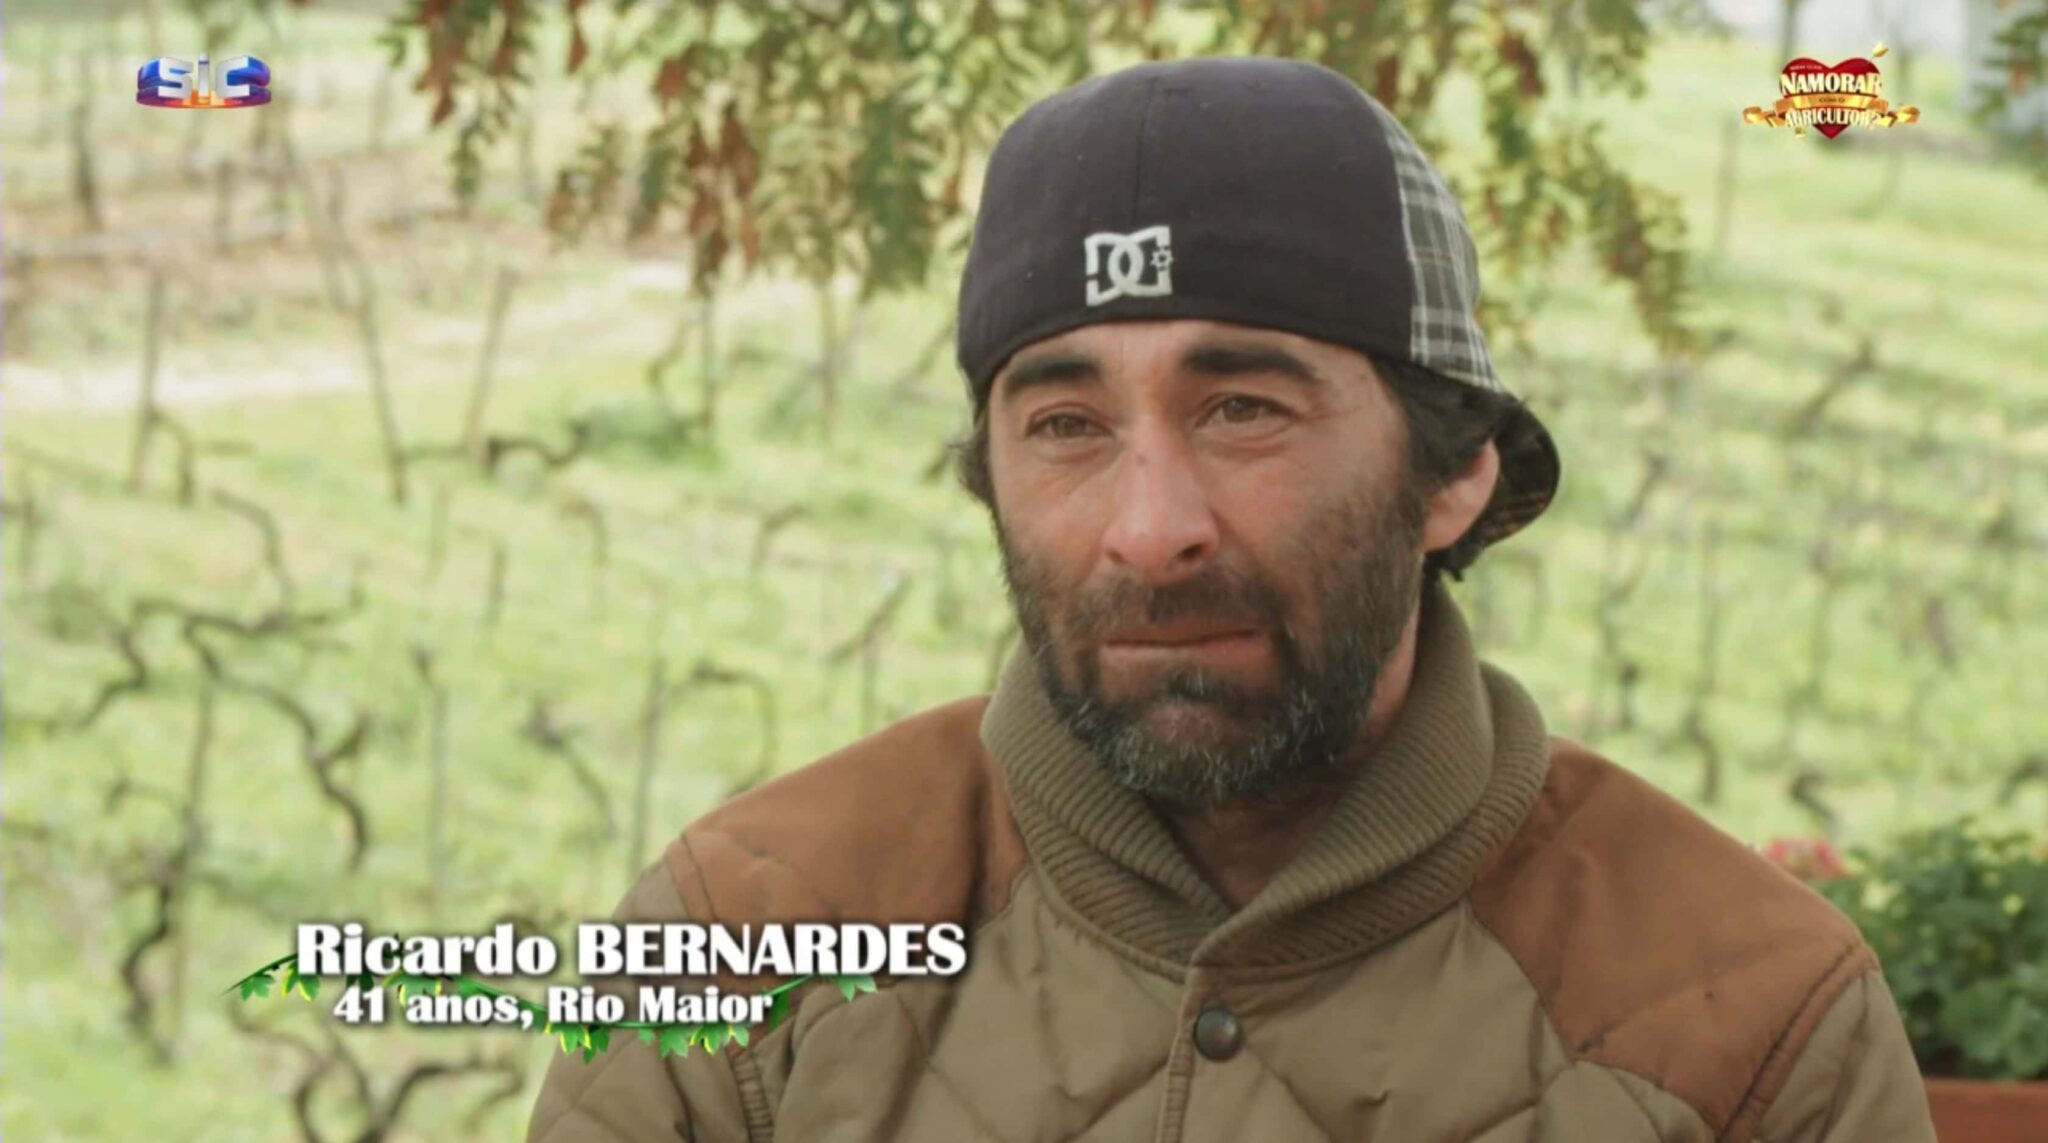 atv ricardo quem quer namorar com o agricultor scaled Agricultor. Em lágrimas, Ricardo Bernardes fala sobre a relação com o filho